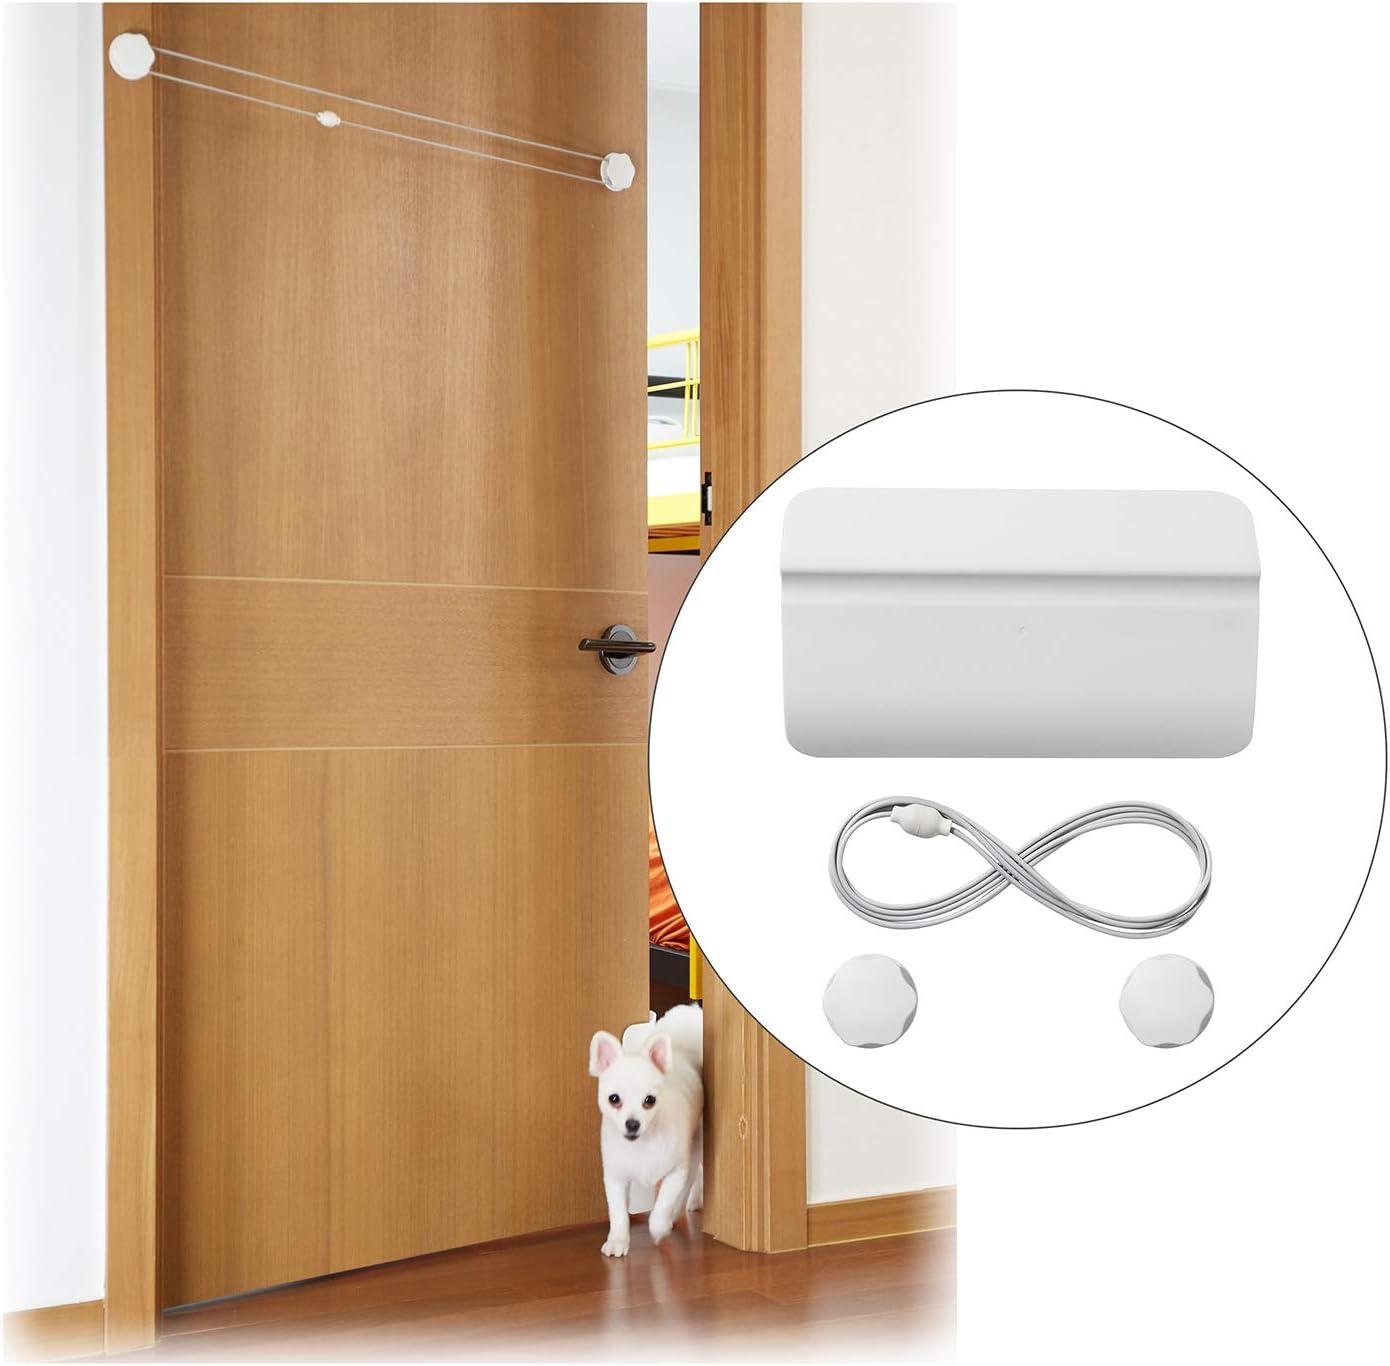 LuDiRo Puerta de Seguridad para Mascotas Puerta Automática Puerta para Perros Gatos Aplicable Baño Dormitorio e Inodoro Entrenamiento Blanco: Amazon.es: Productos para mascotas